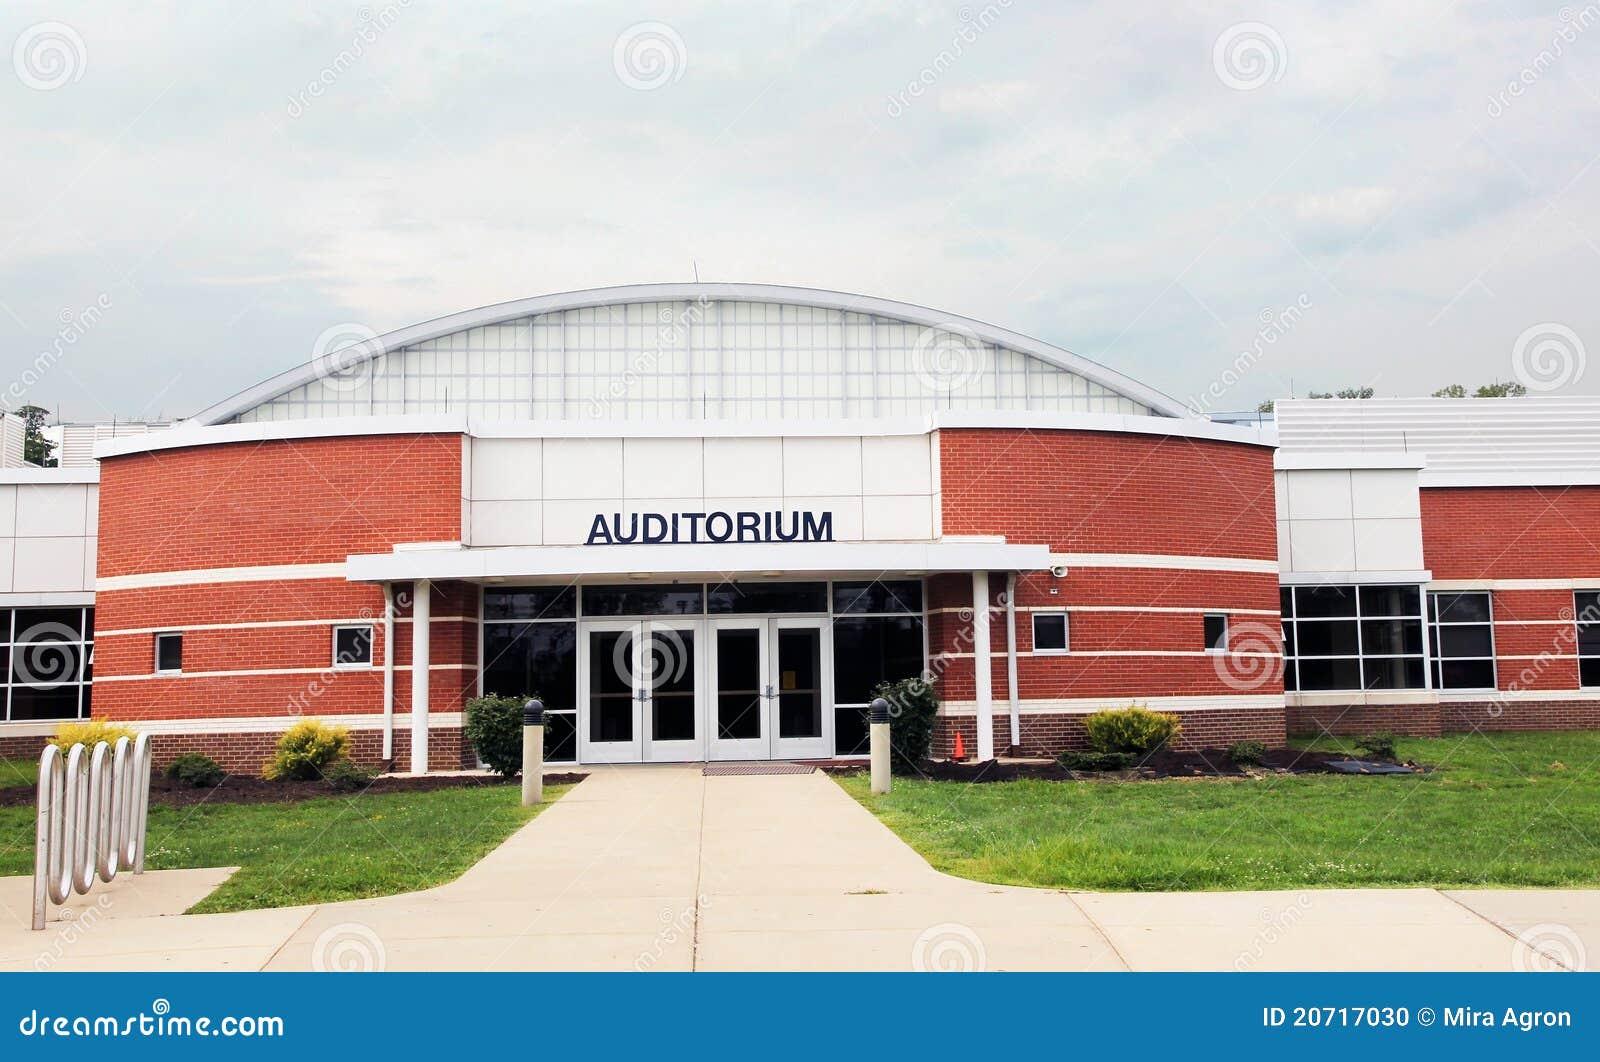 School Auditorium Stock Photo - Image: 20717030